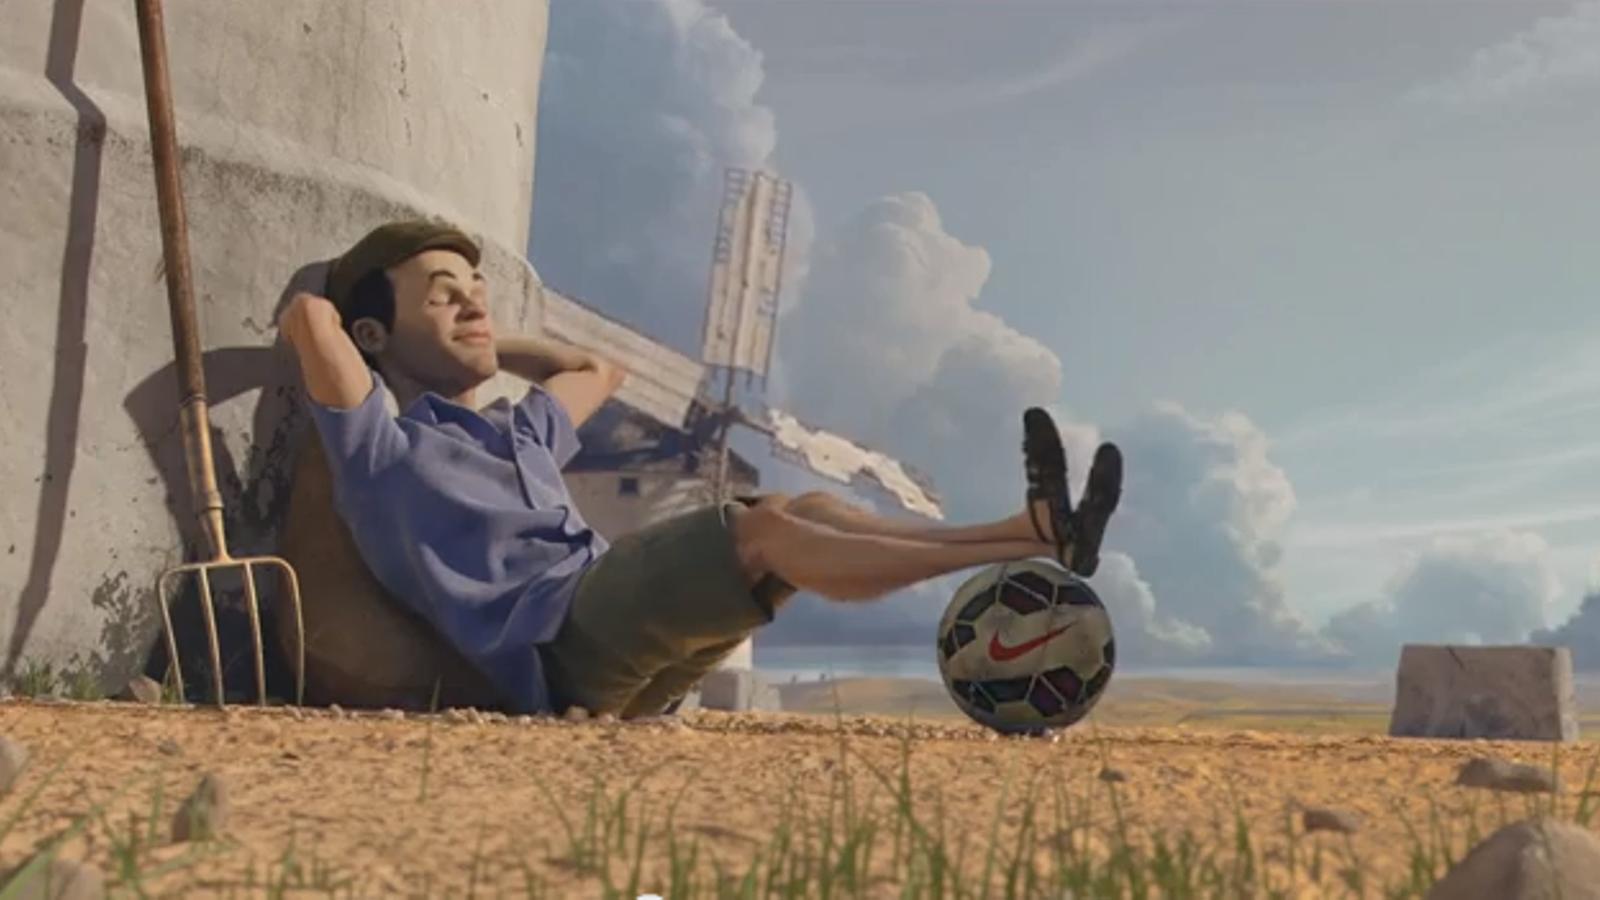 Neymar fent de perruquer i Iniesta amb Molins de vent, al curt d'animació de Nike abans del Mundial